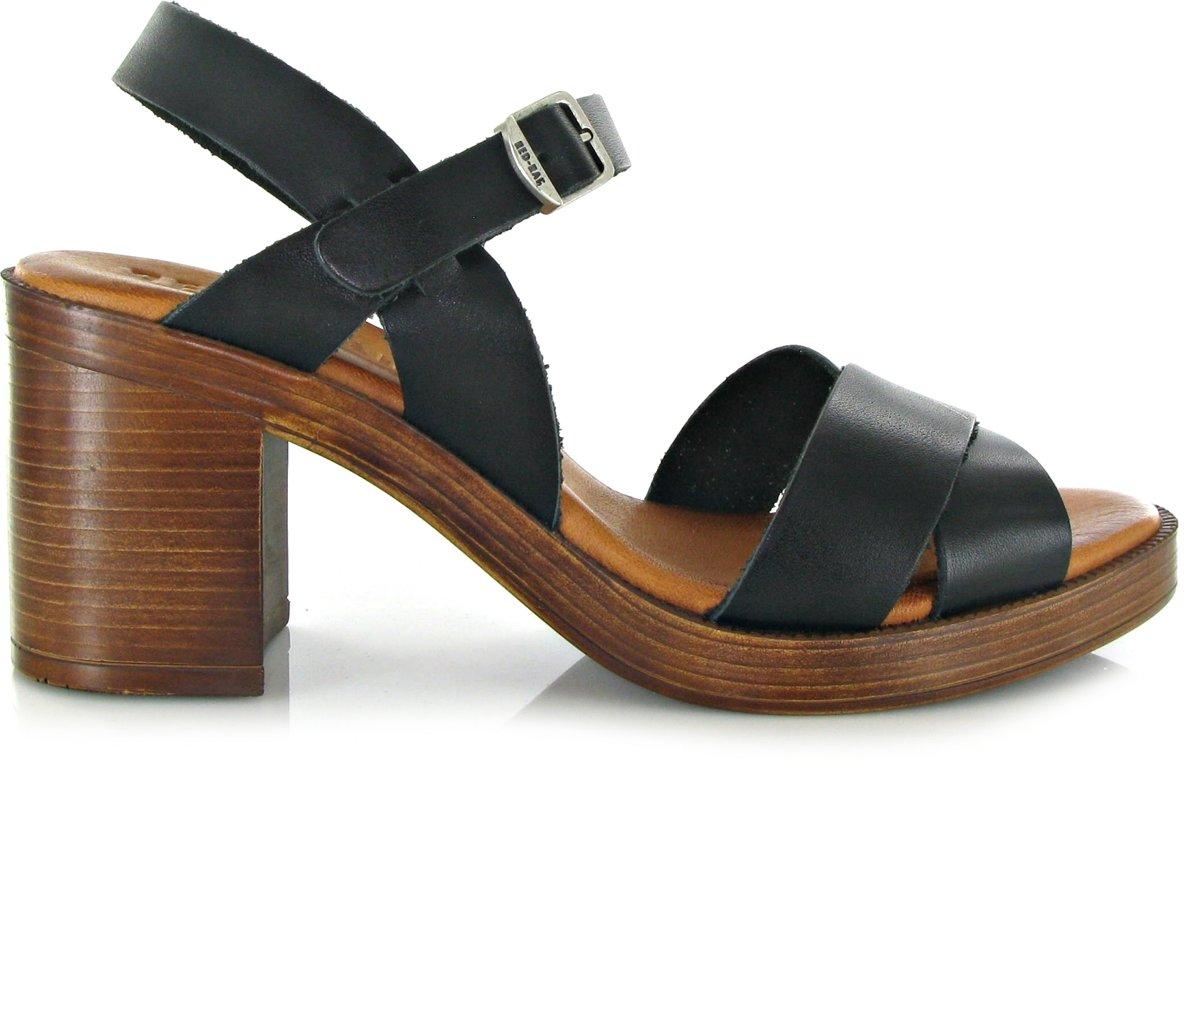 RED-RAG Dames Sandalen 79174 - Zwart - Maat 39 kopen